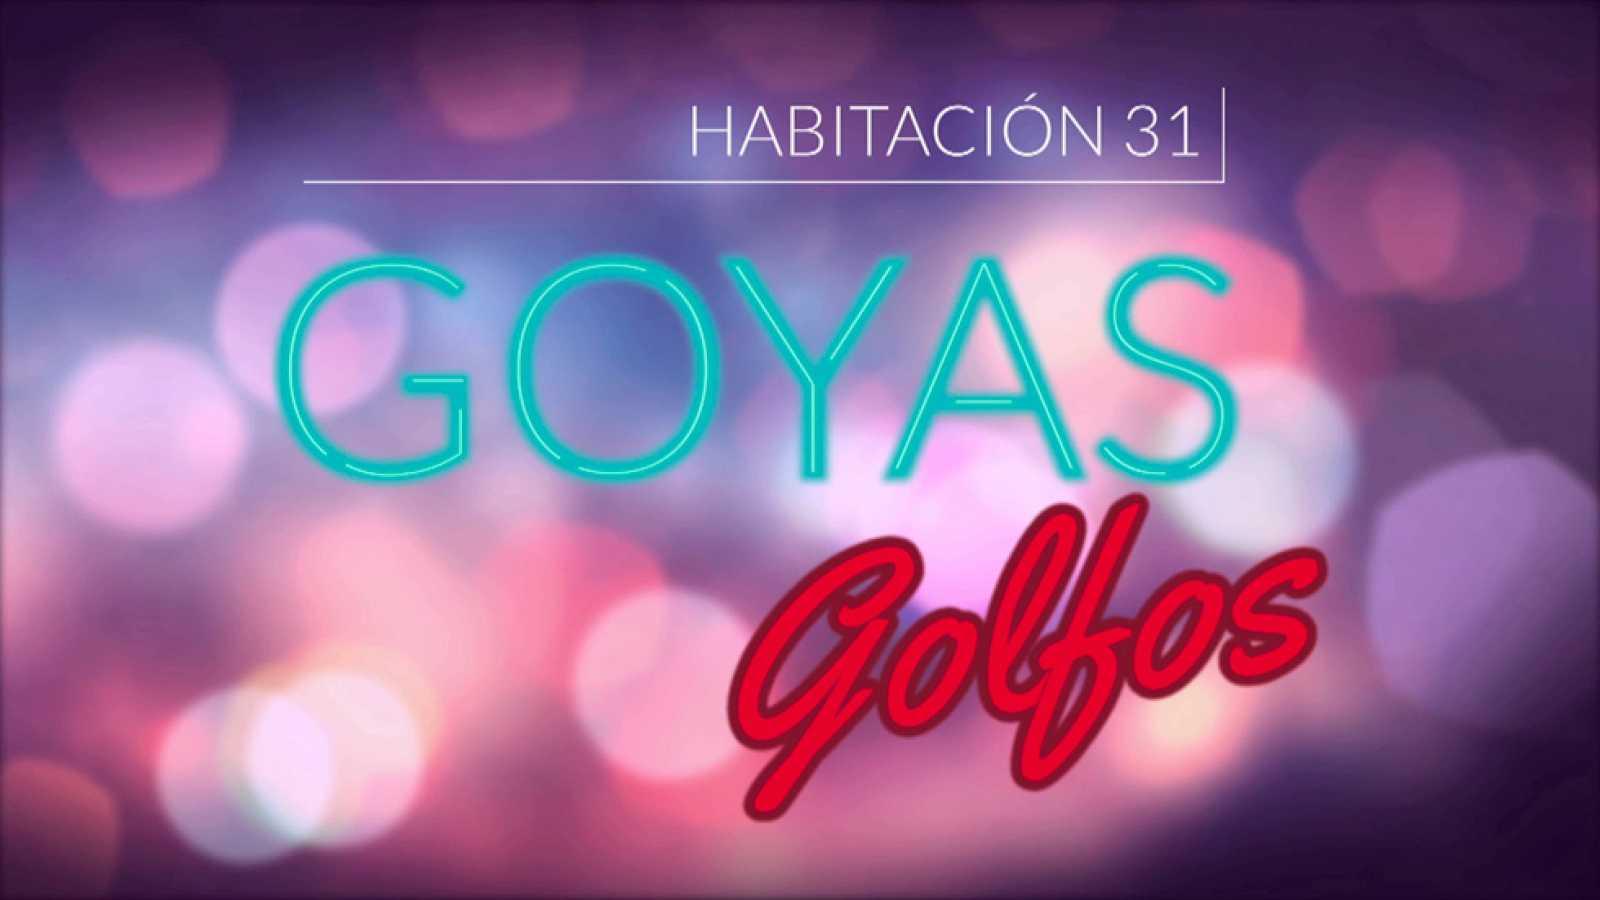 Goyas Golfos - La alfombra roja más golfa, este sábado en RTVE.es